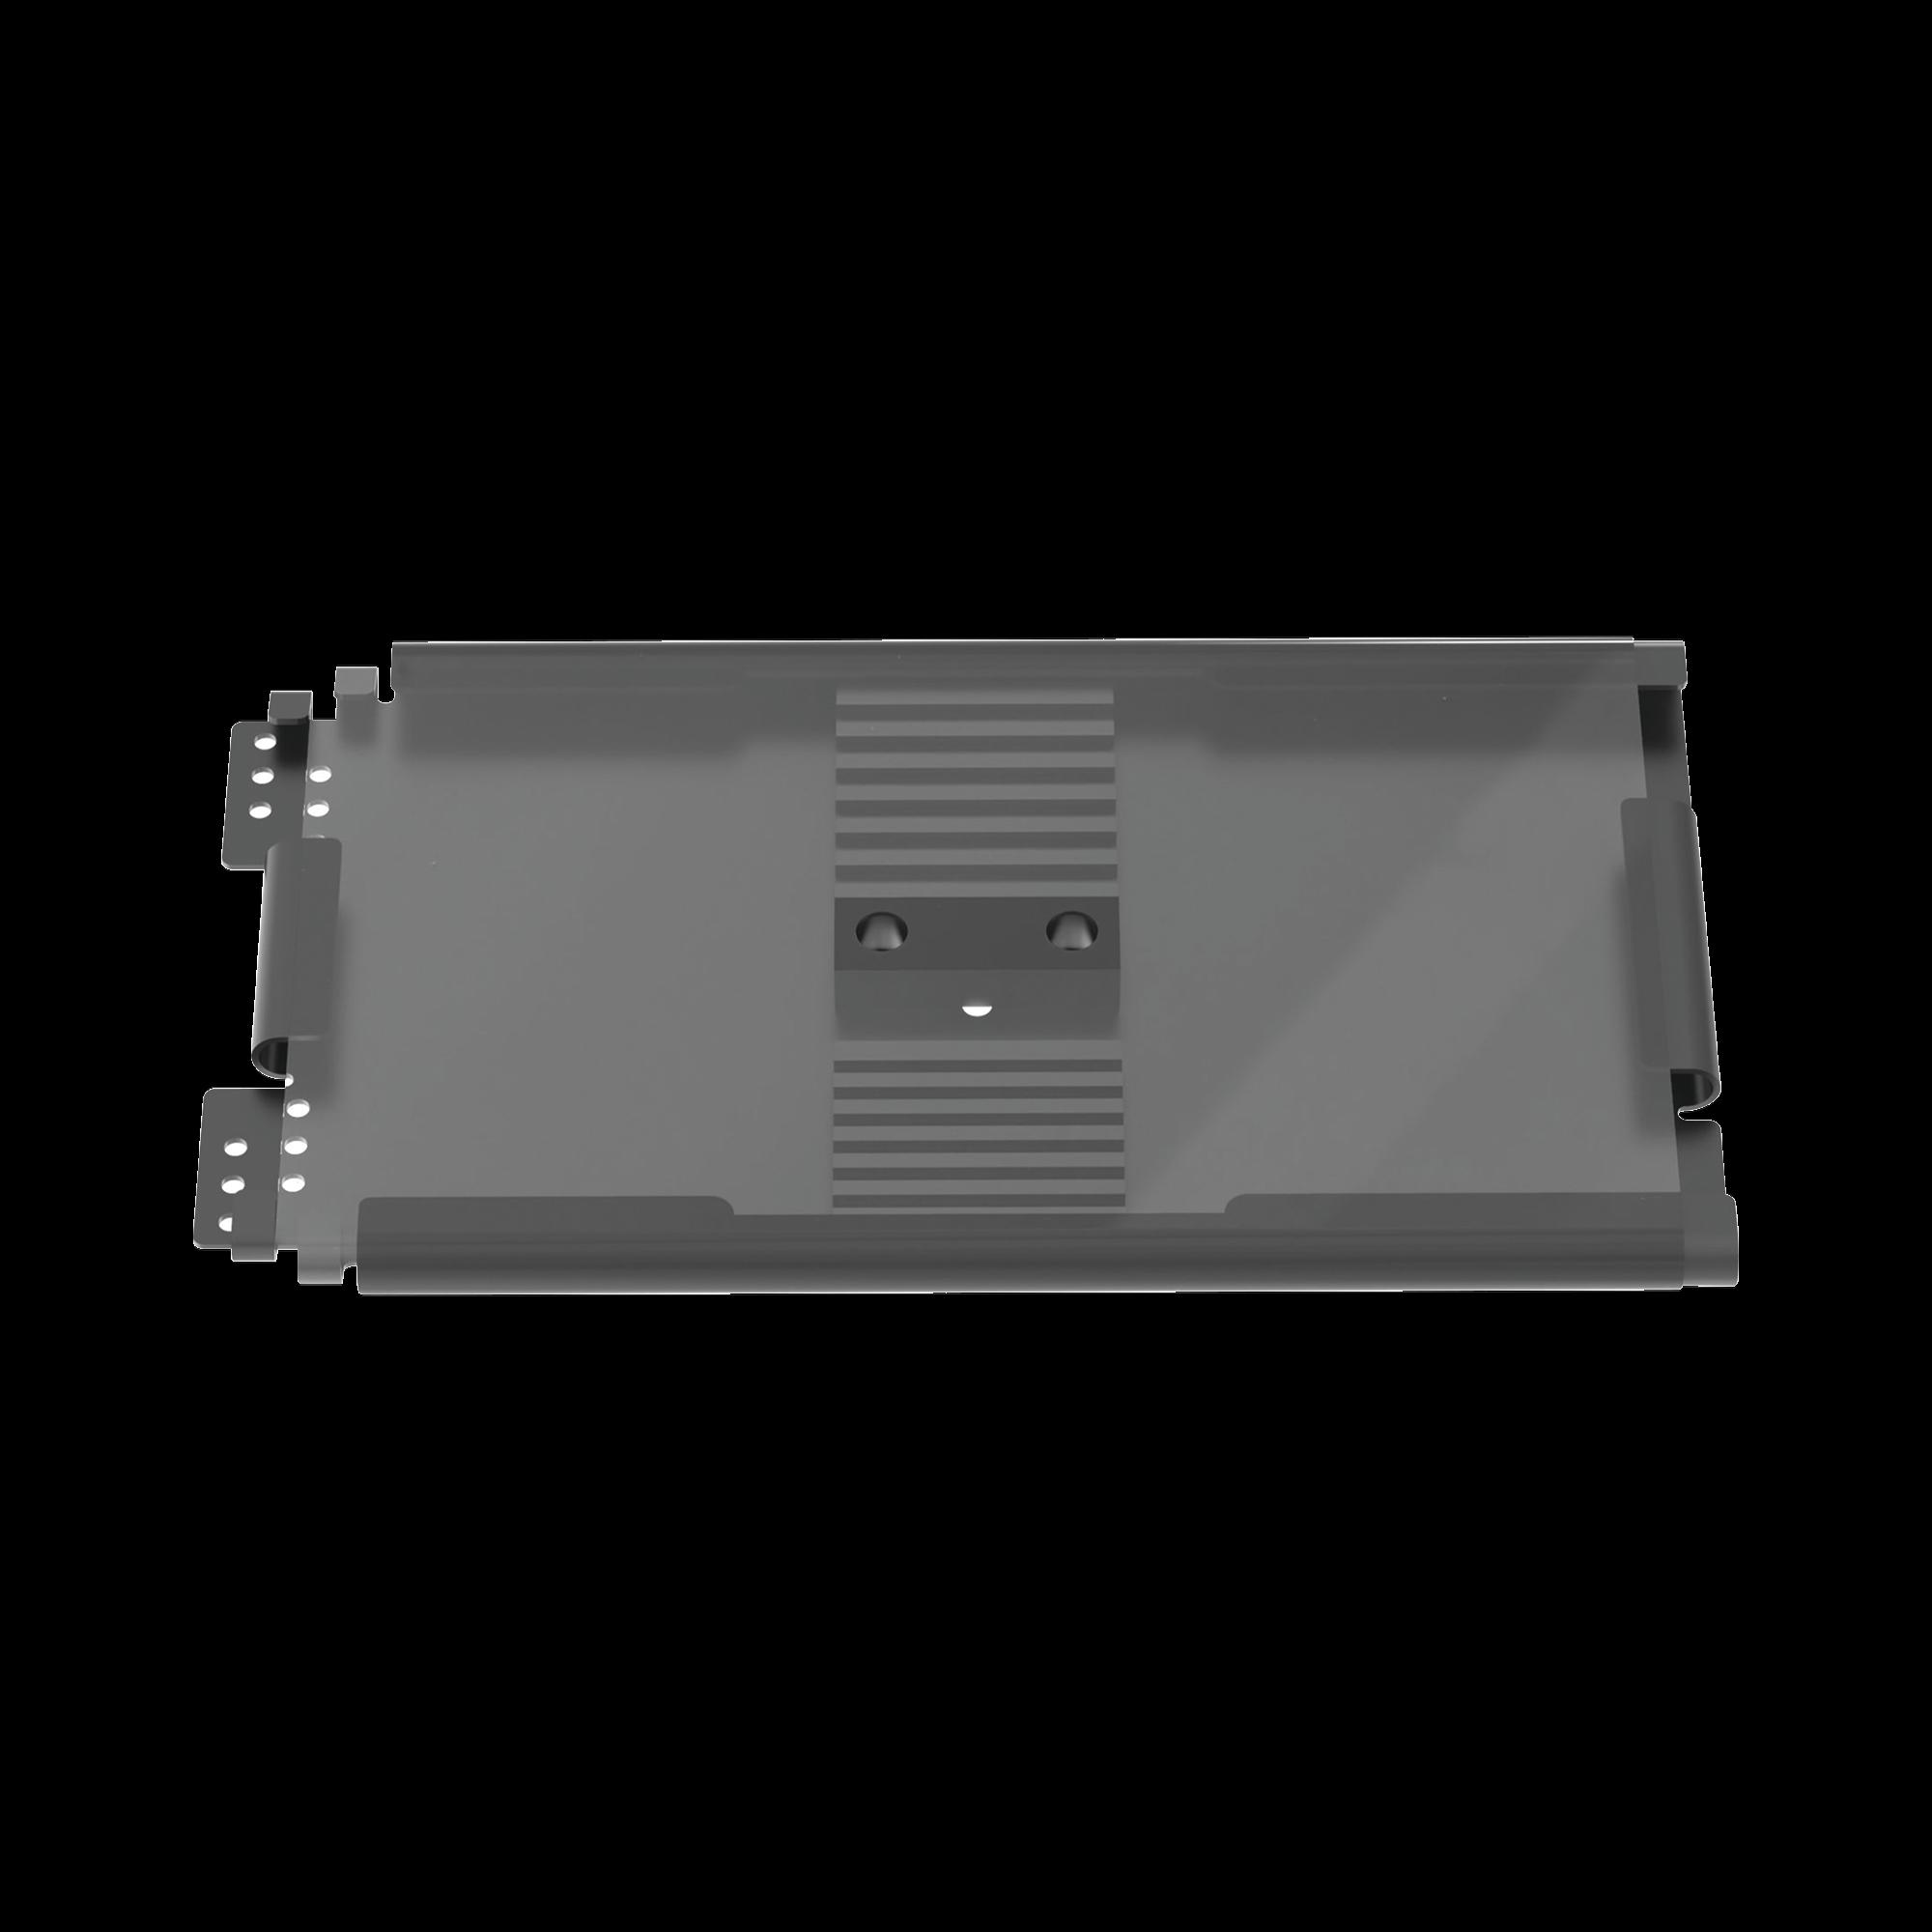 Charola de Empalme para Fibra óptica, Para Protección de 12 Empalmes de Fusión o Mecánicos, Compatible con los Paneles FMT, FWME4 y FWME8